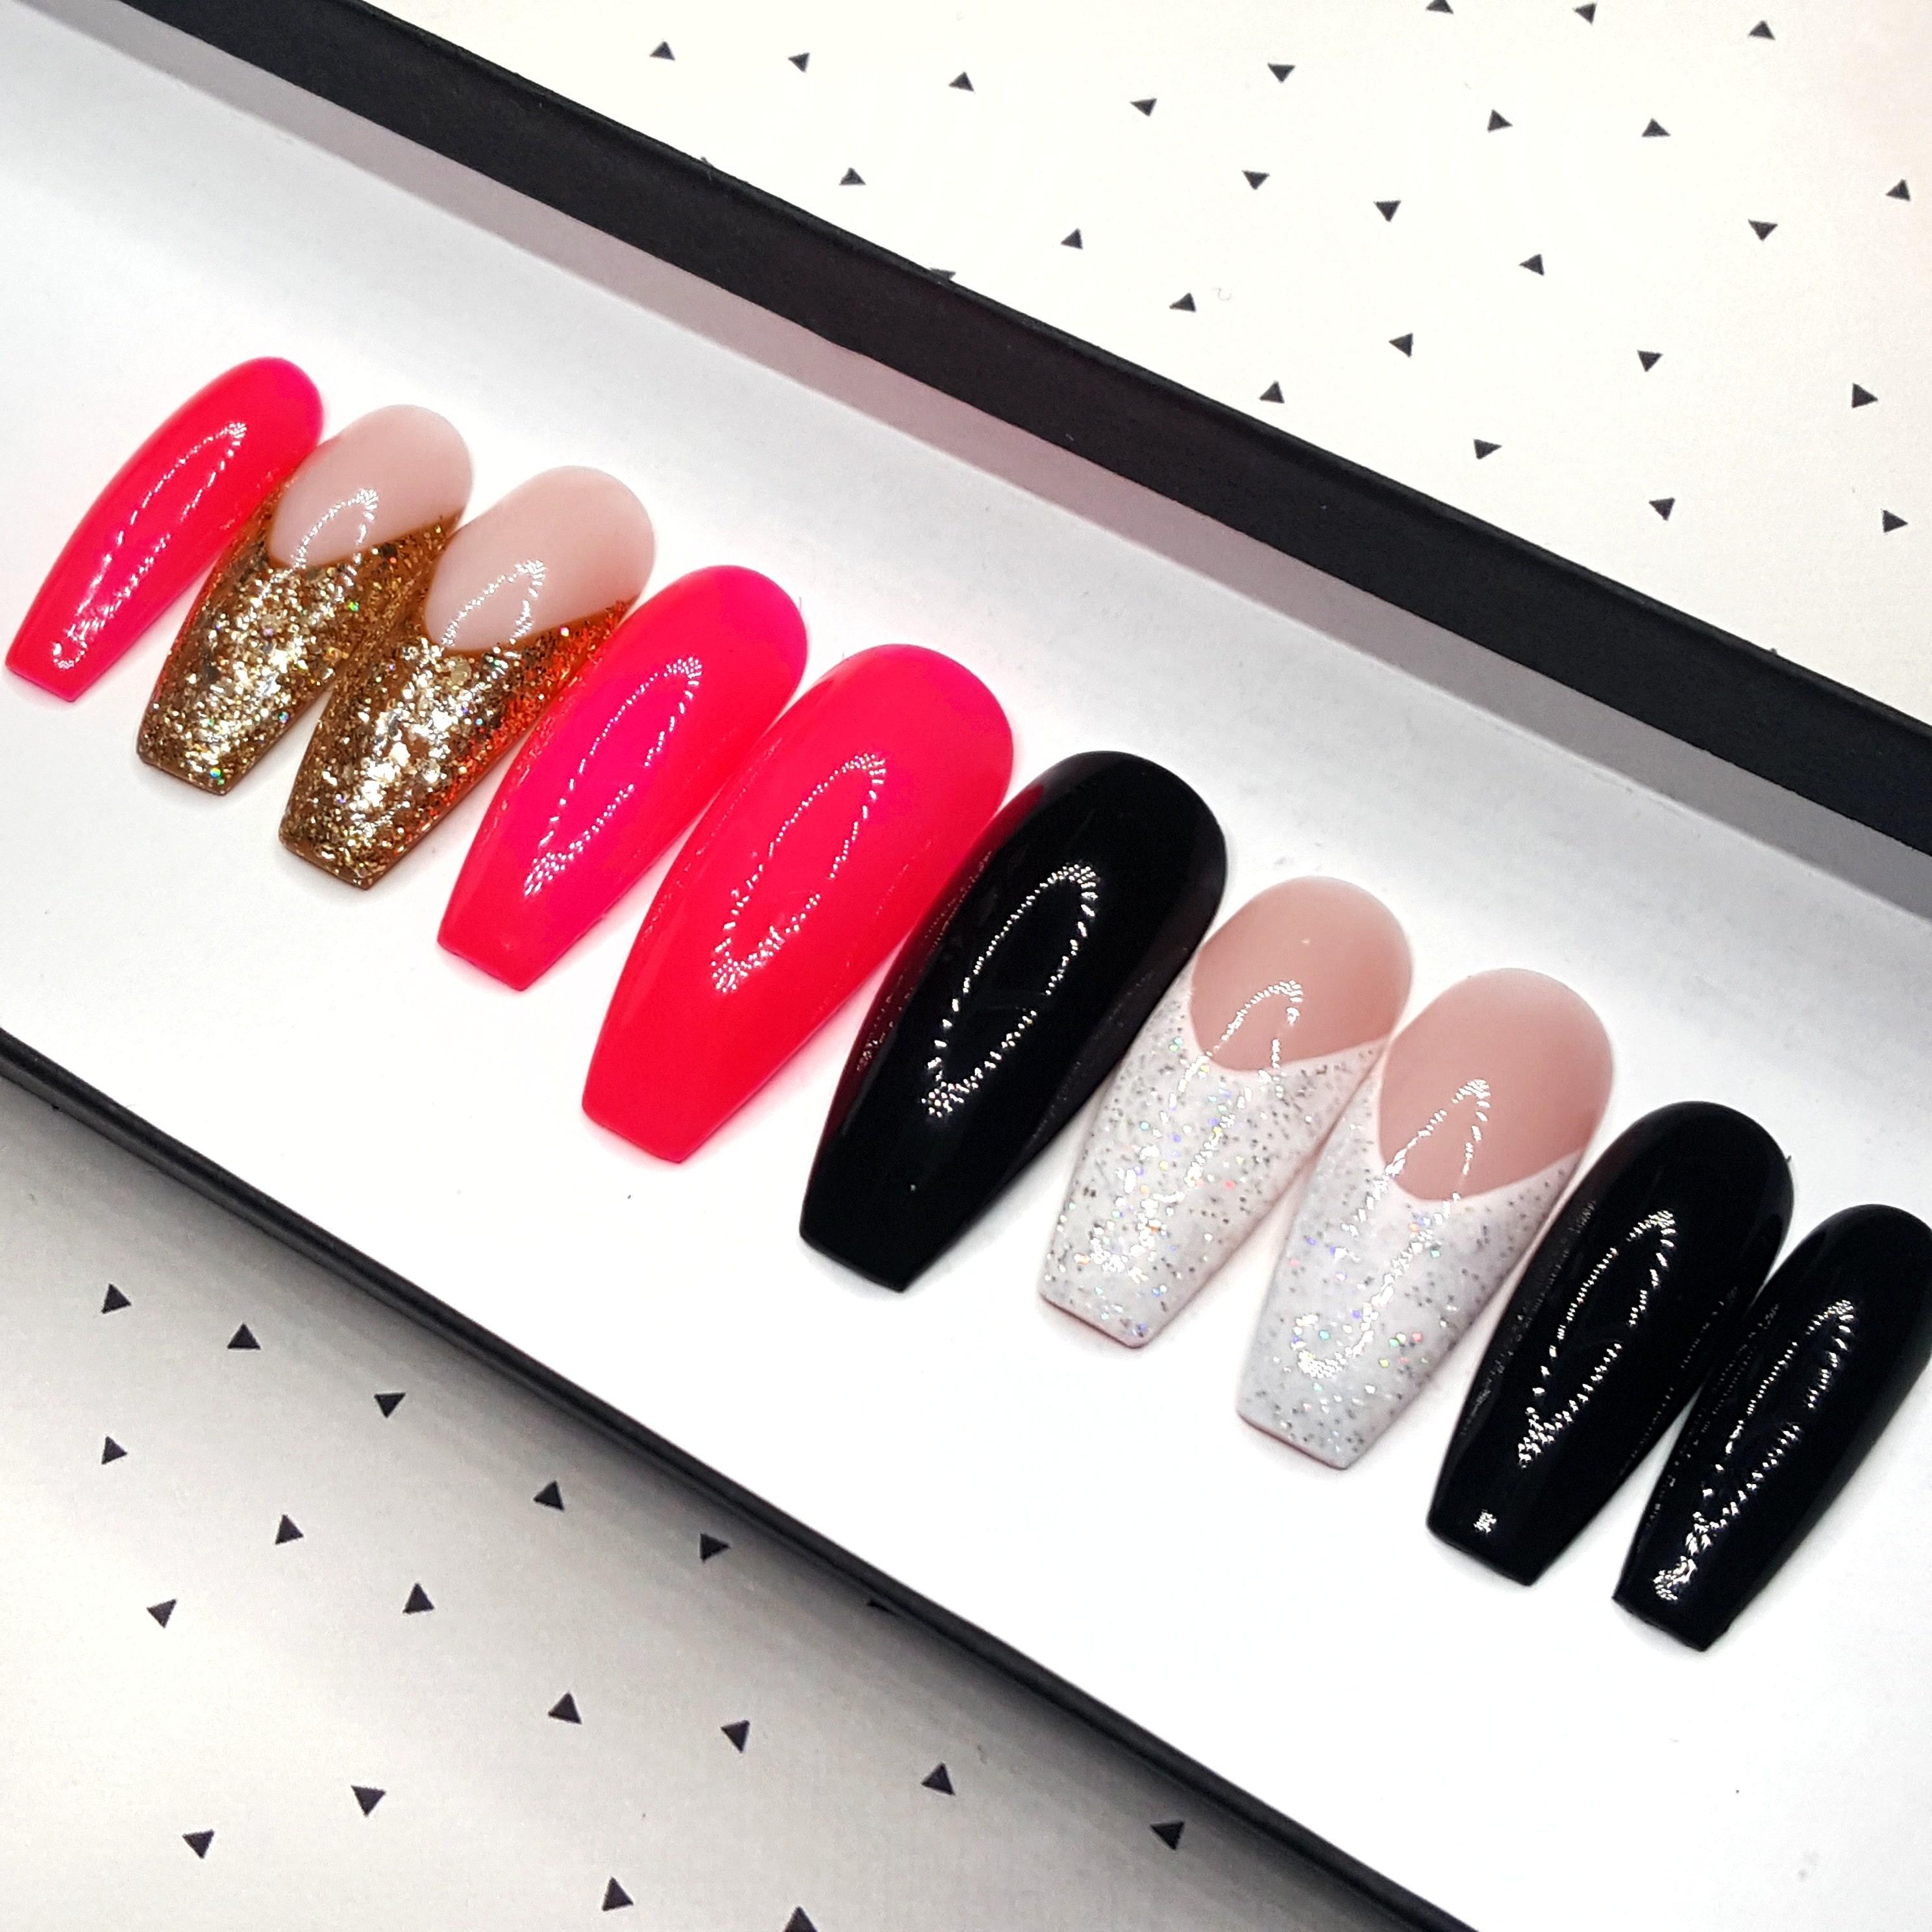 MINGLE Mixed Mani French Tip Press on Nails Neon Pink Nail Polish ...